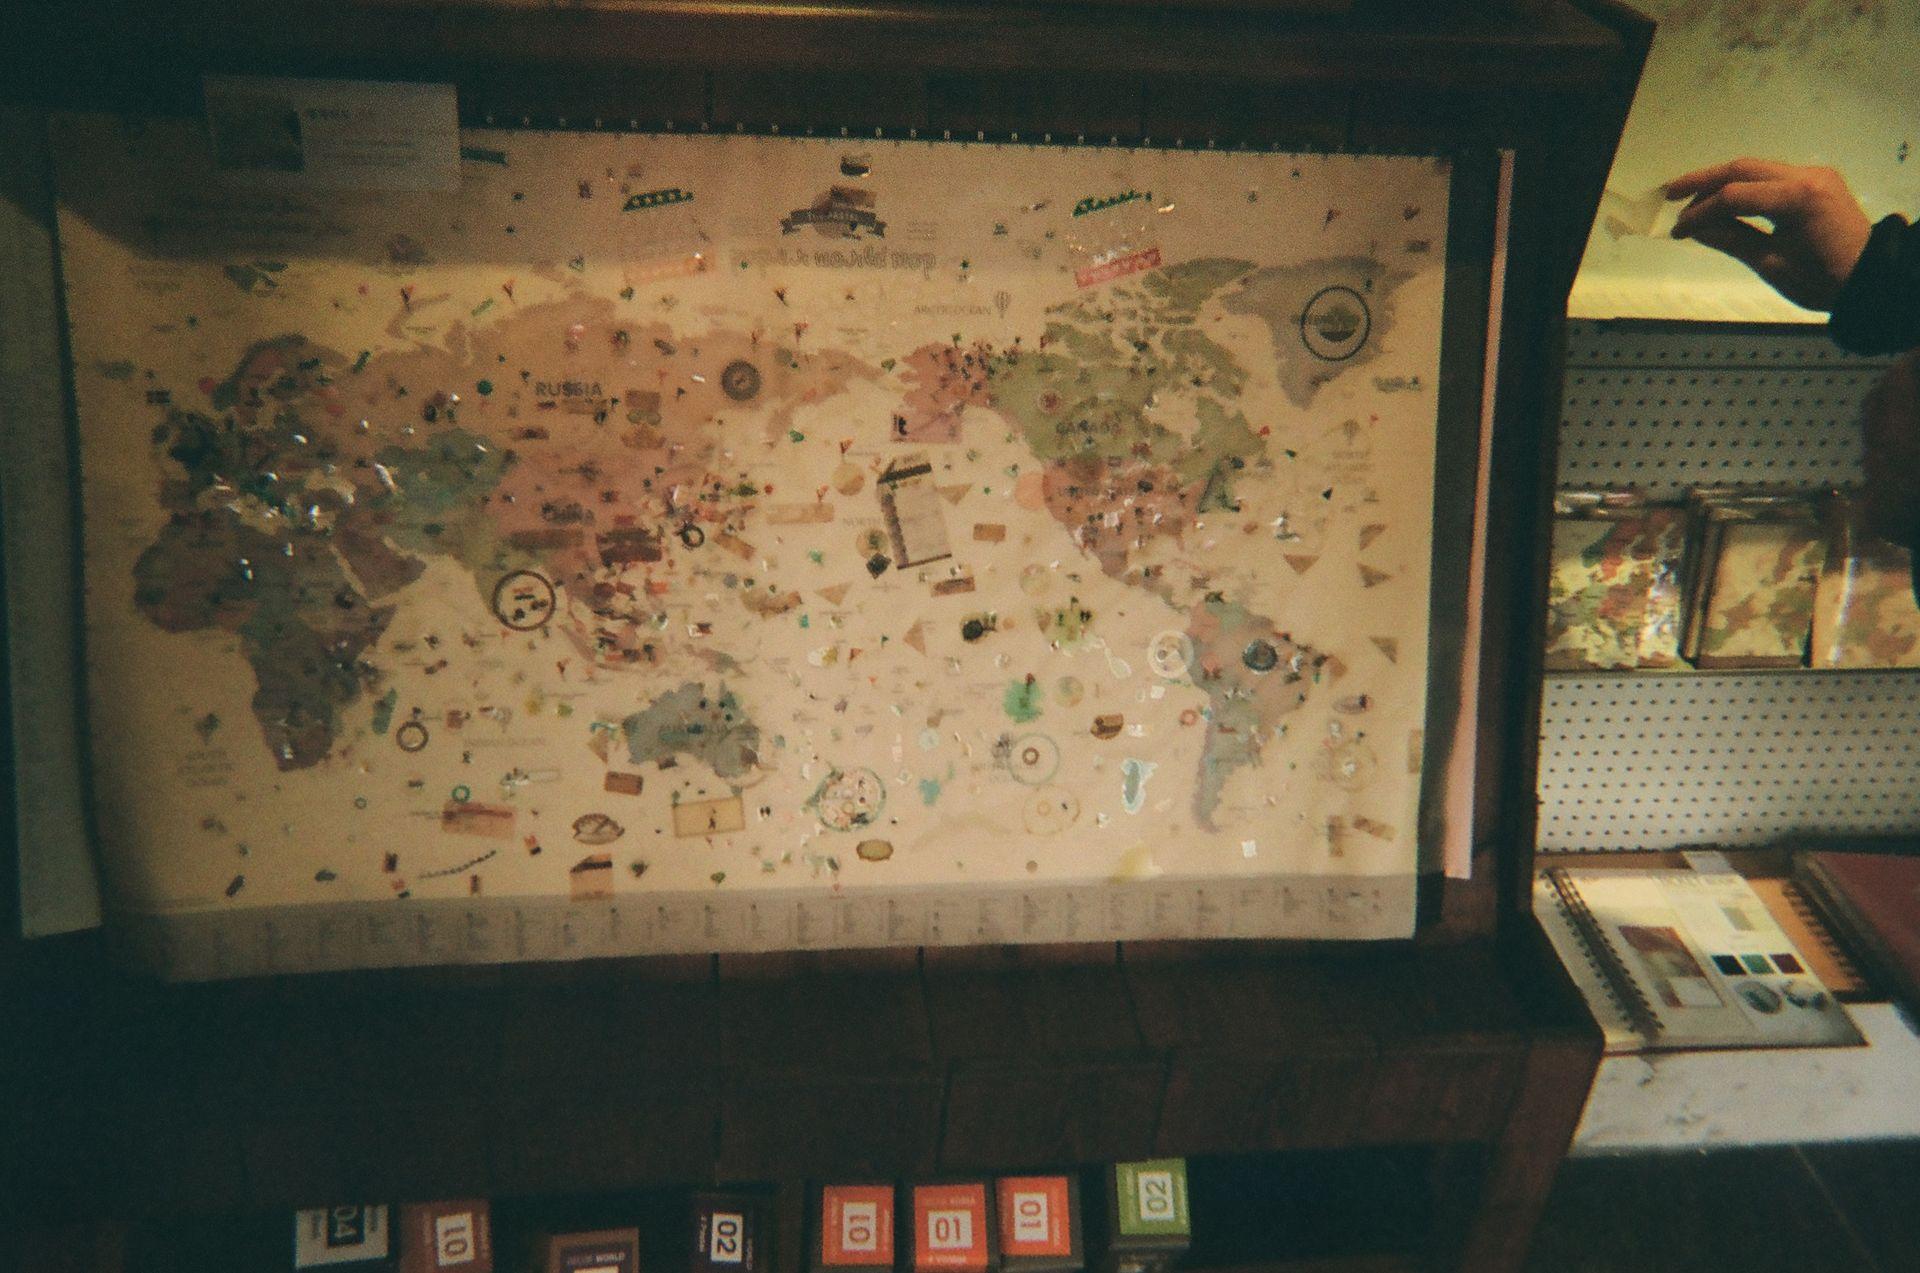 """""""서점에서 세계 지도를 샀습니다. 내가 가본 곳들을 표시할 수 있게 되어 있어서 멋져요!"""" - Derek"""